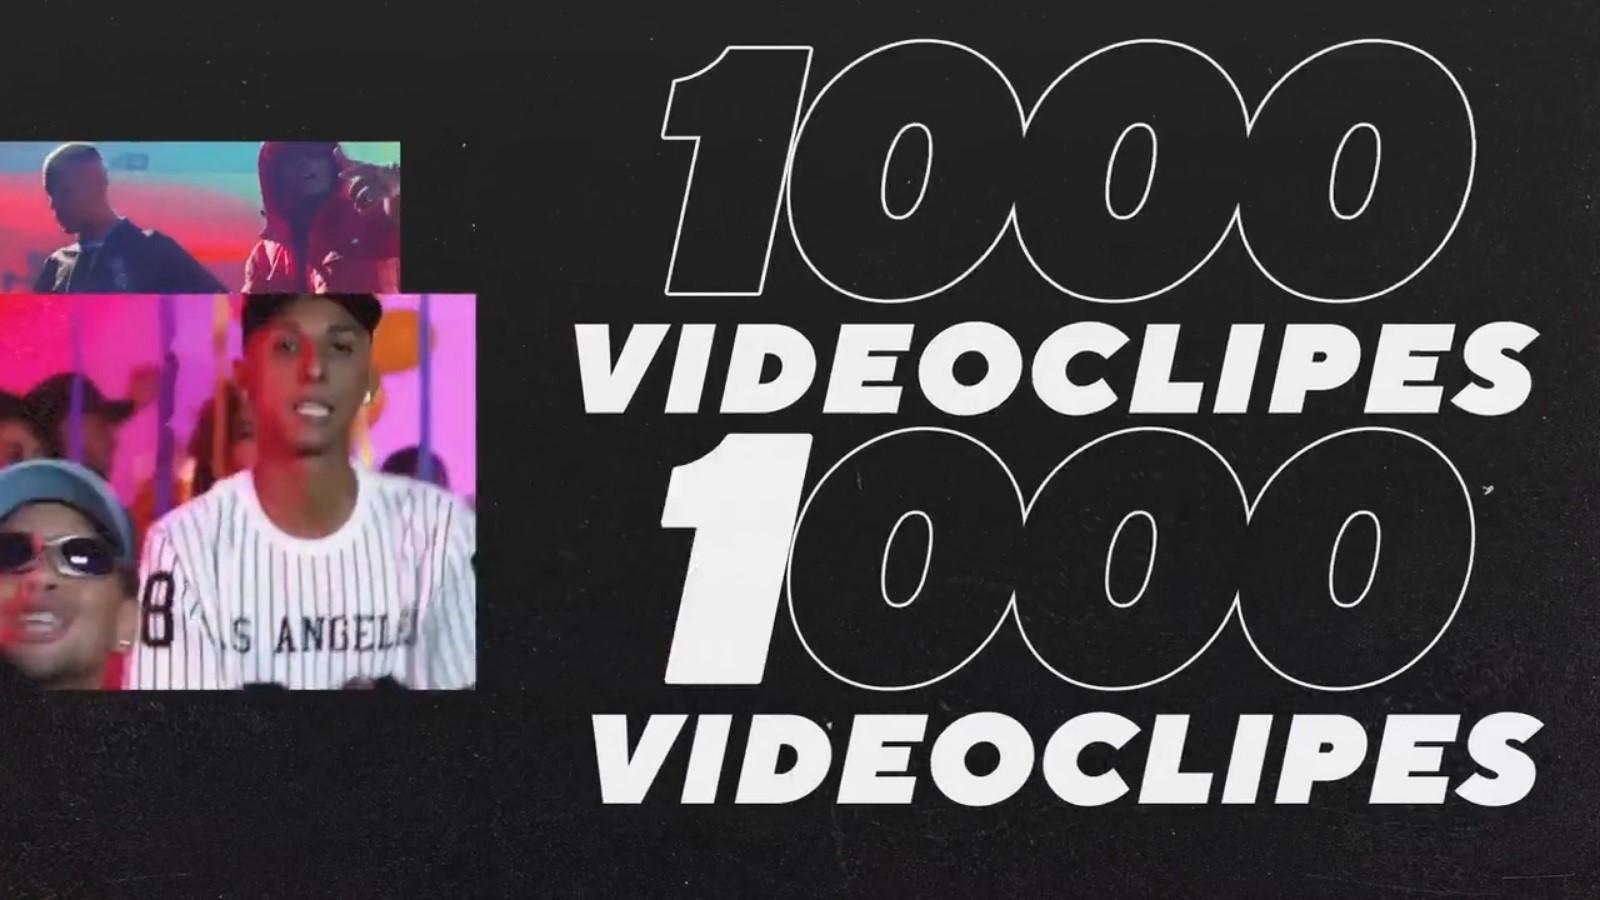 Mil clipes depois, o canal KondZilla no YouTube se tornou o maior do Brasil - e um dos maiores do mundo (Foto: Divulgação)